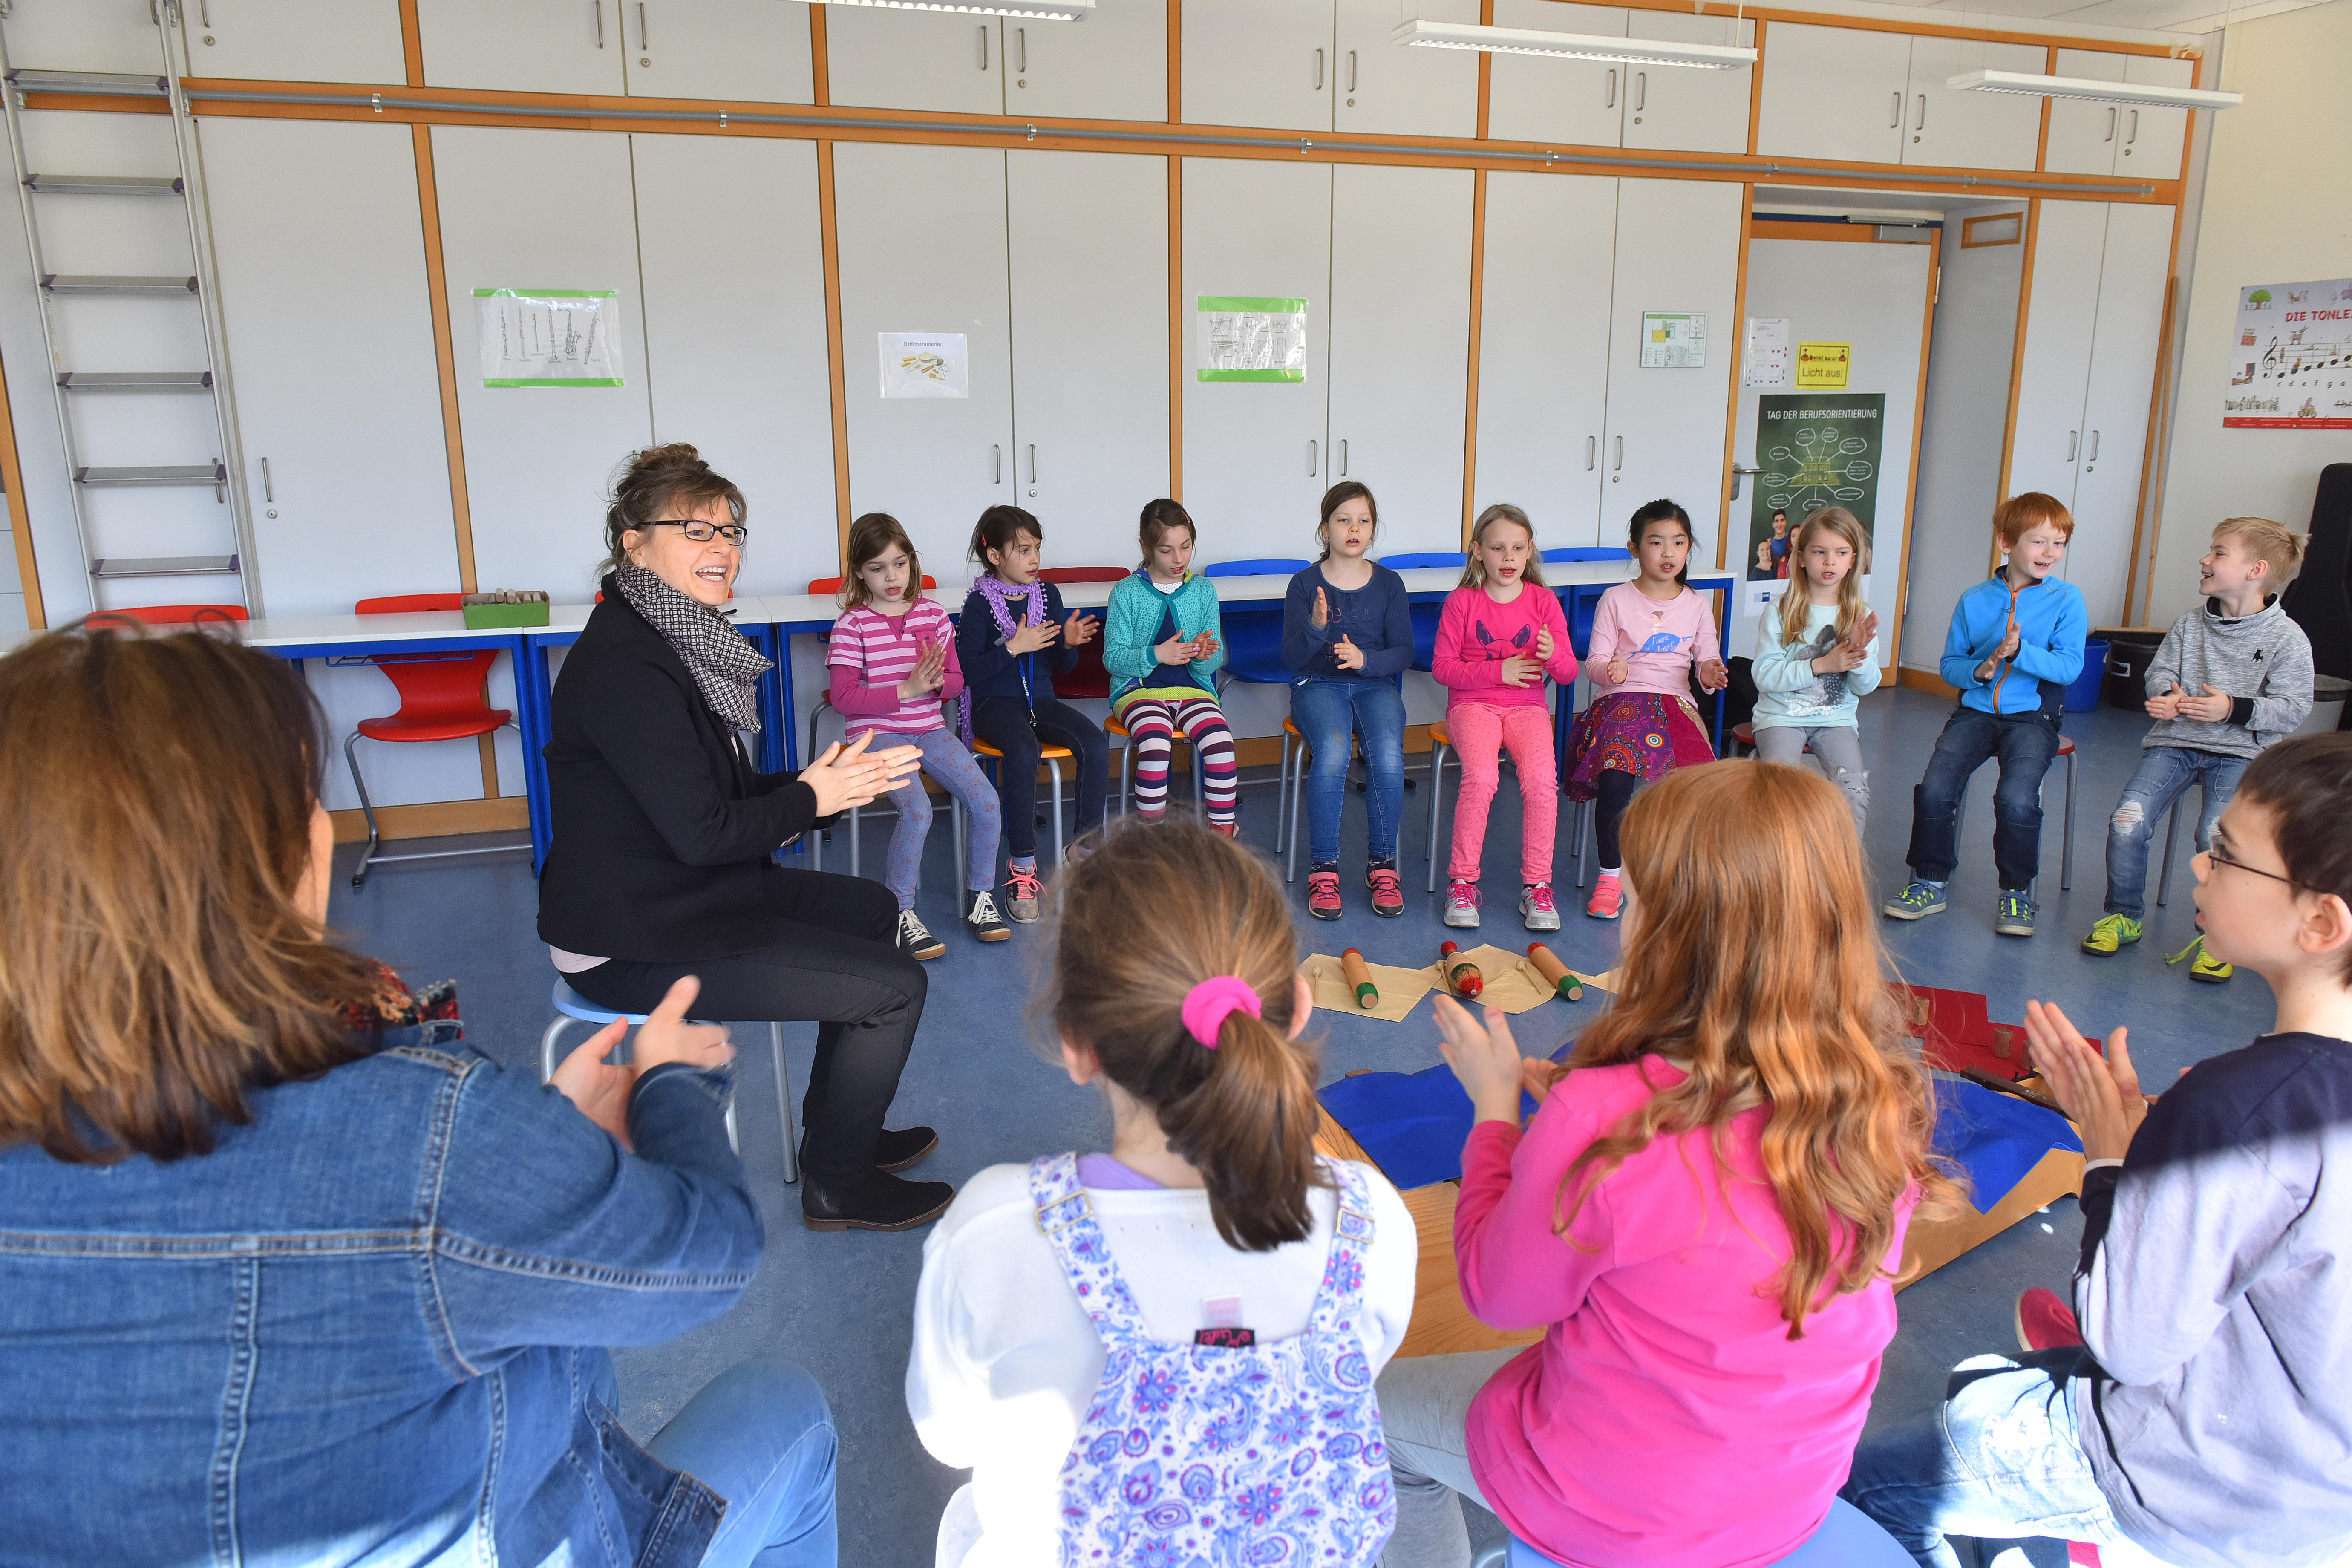 Heidelberg Kirchheim Geschwister-Scholl-Schule. Musikprojekt. 27.3.2017 Foto: Peter Dorn